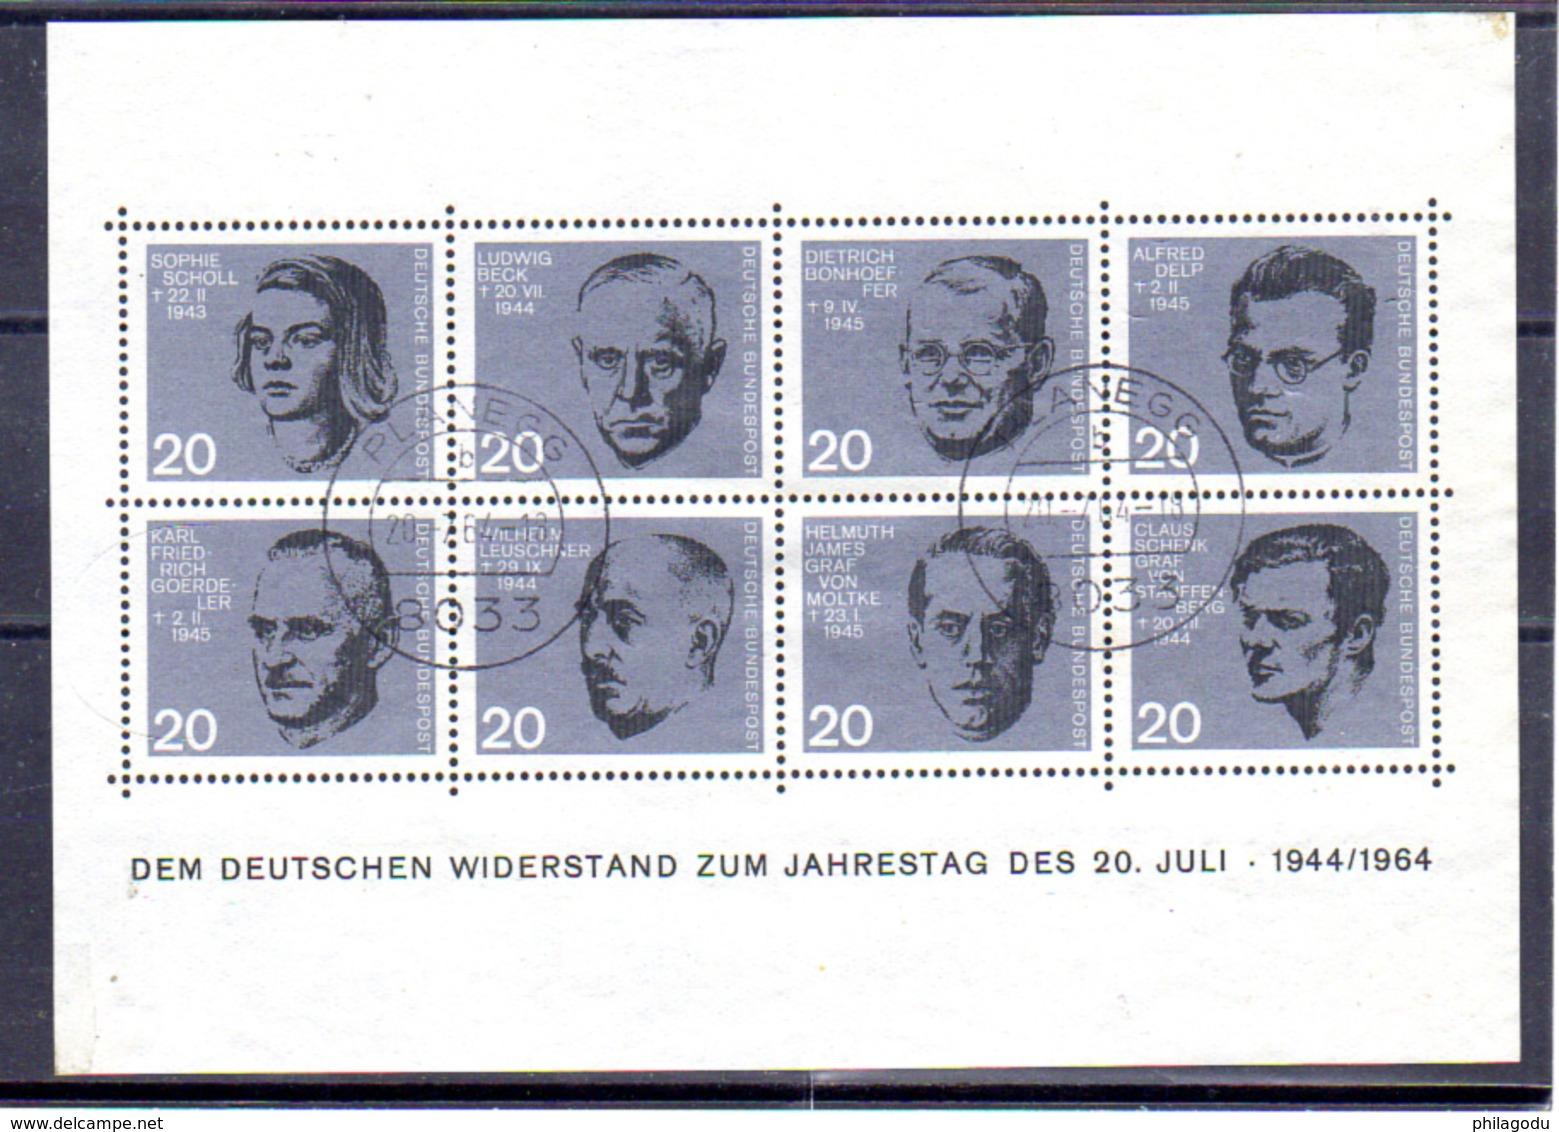 1964   RFA, 20 Ans De L'attentat  Du 20/07/1944, BF 2 Ob, Cote 26 €, - [7] Federal Republic